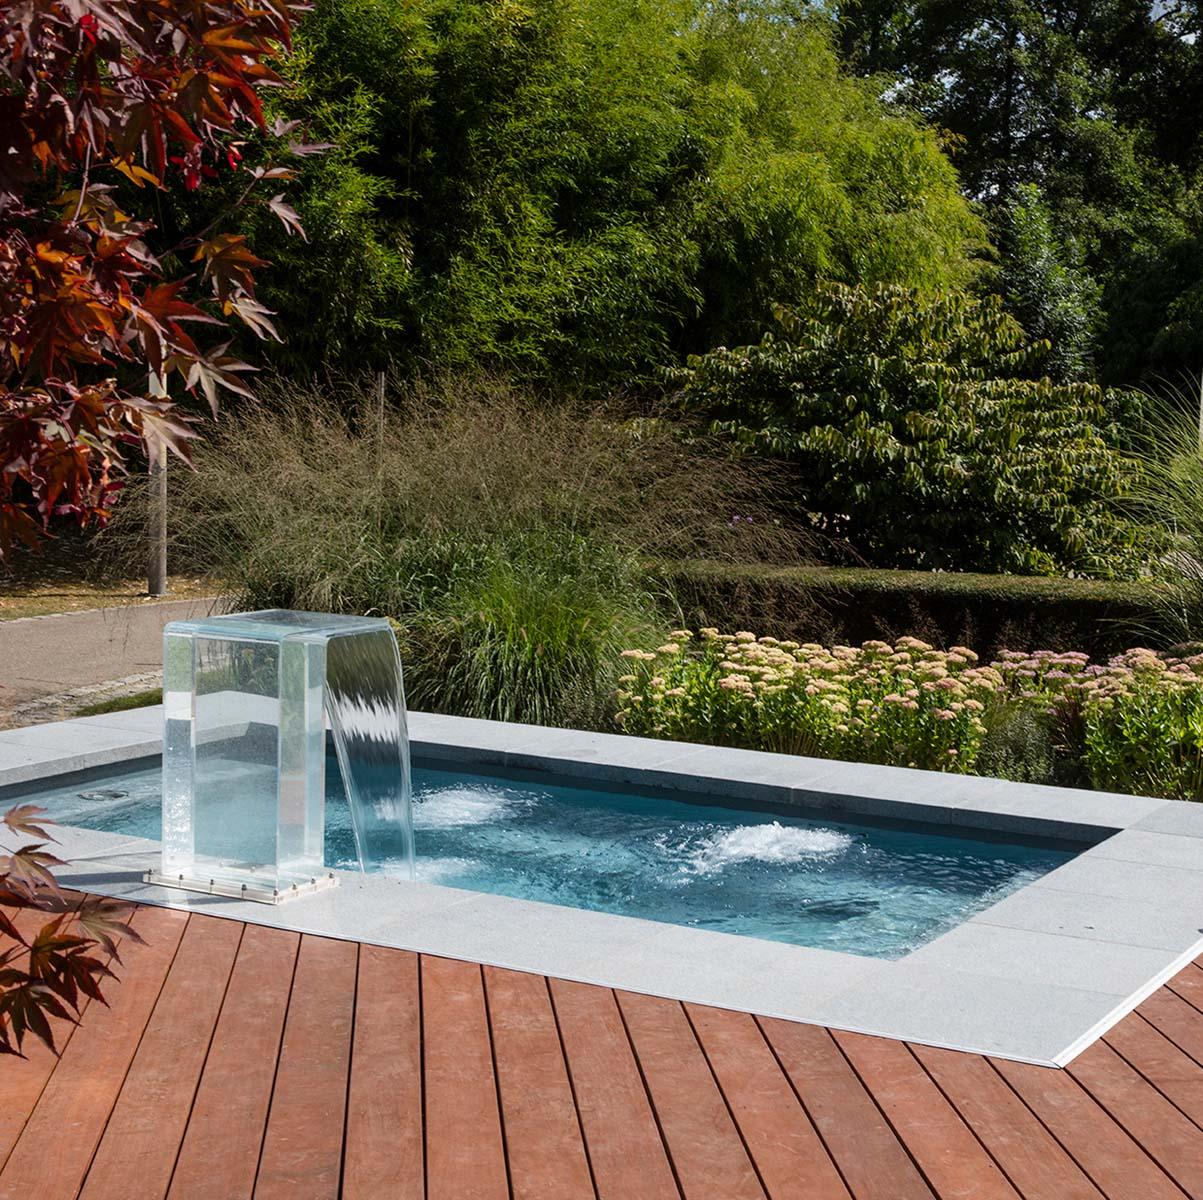 Full Size of Mini Pools Groes Vergngen Teichmeister Anbauwand Wohnzimmer Deko Garten Holzhaus Wandtattoo Badezimmer Romantische Schlafzimmer Regal Komplett Landhaus Wohnzimmer Pool Im Garten